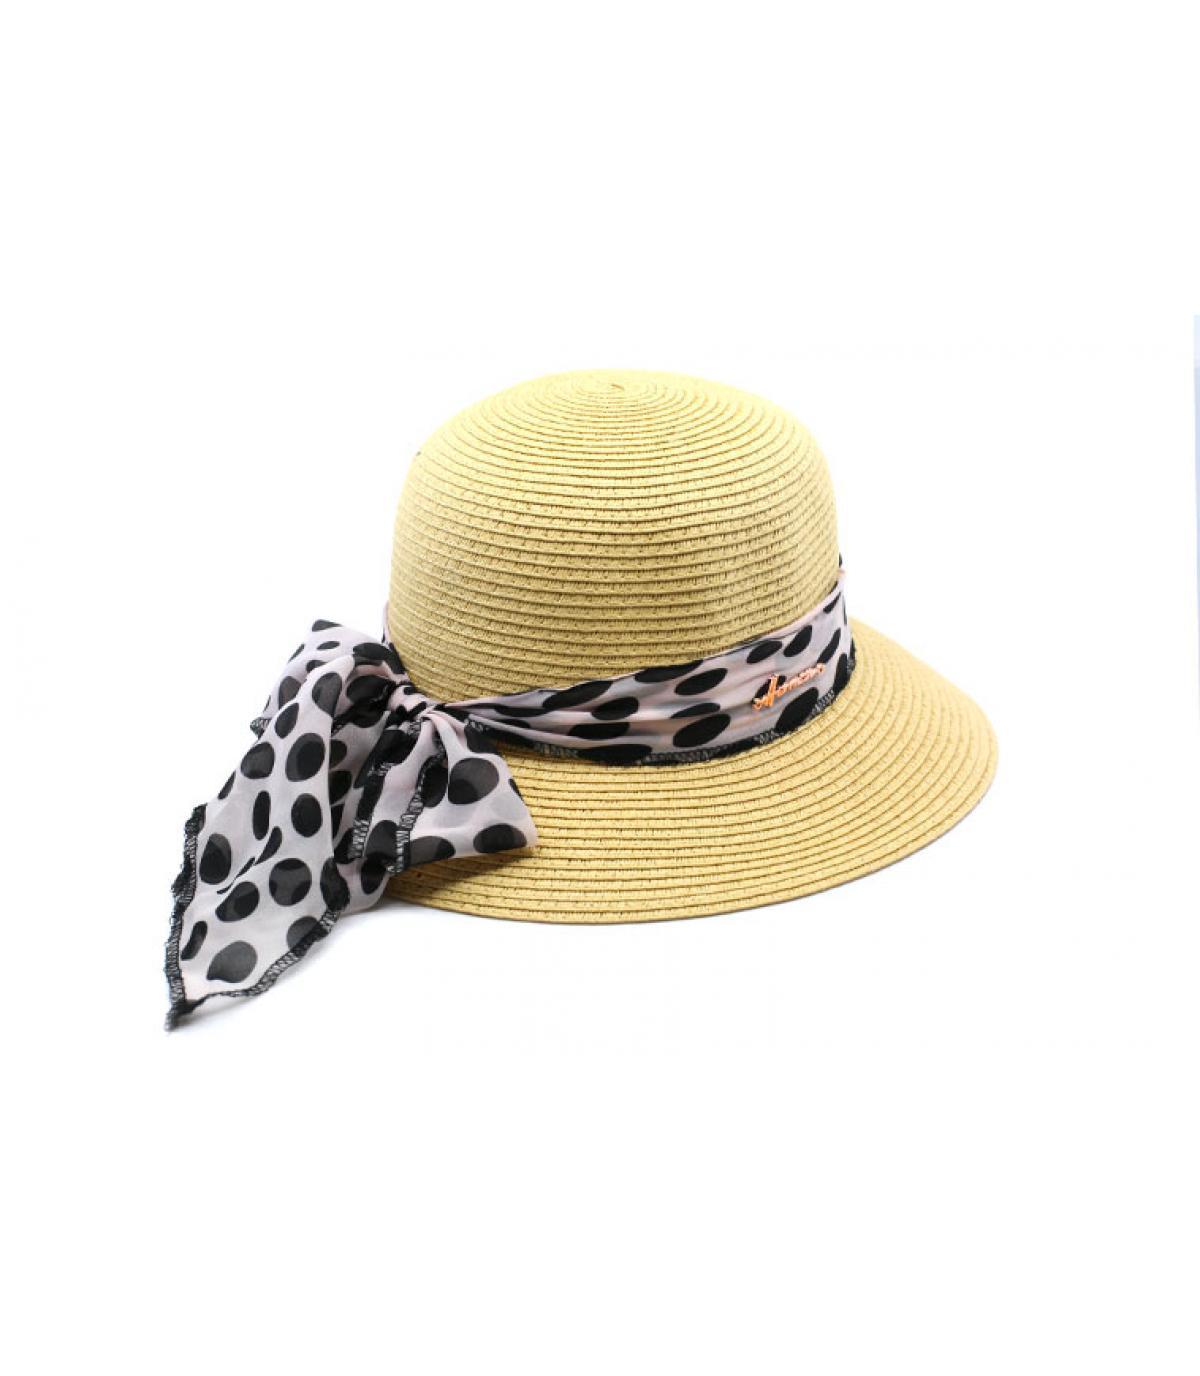 chapeau cloche paille foulard